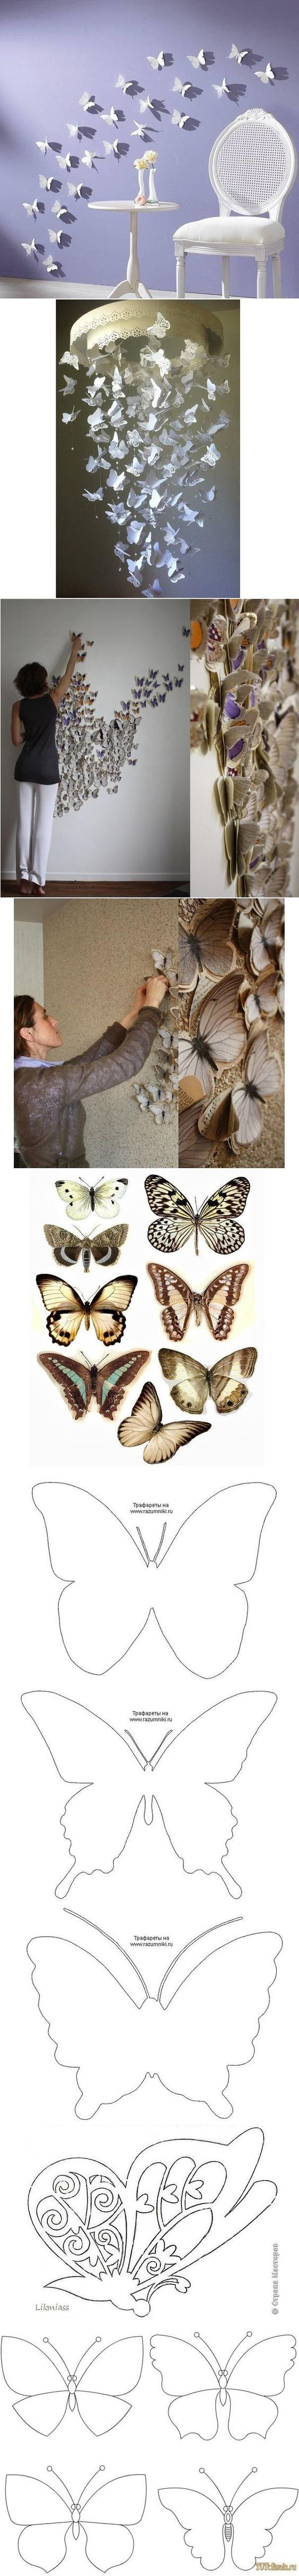 decoracion con mariposas en la pared (imprimir)